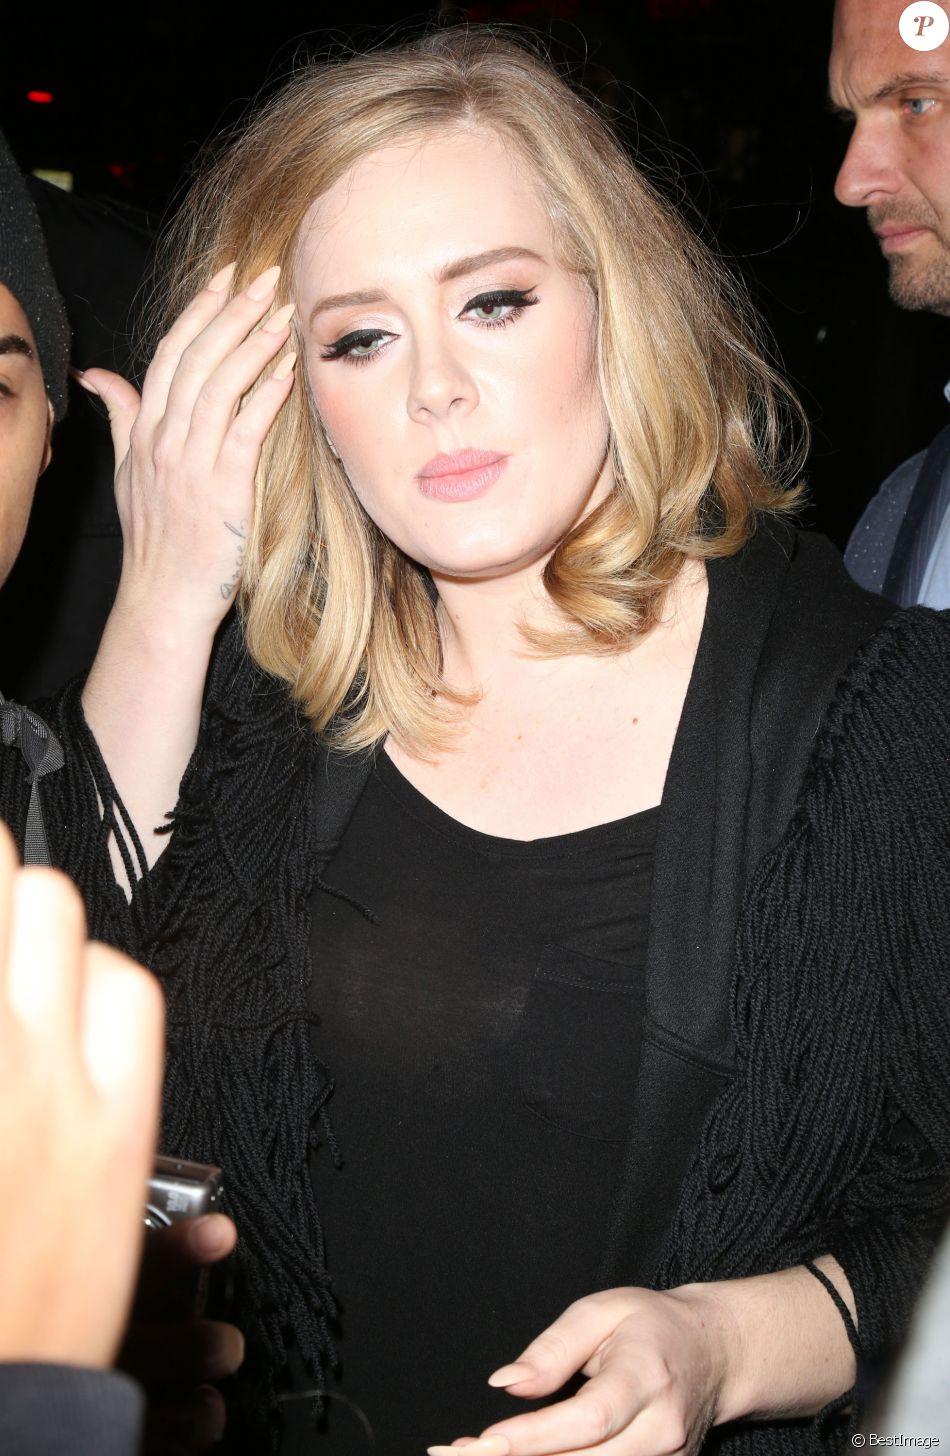 La chanteuse Adele quitte son hôtel pour aller dîner au restaurant dans le quartier de West Village à New York. Le 19 novembre 2015